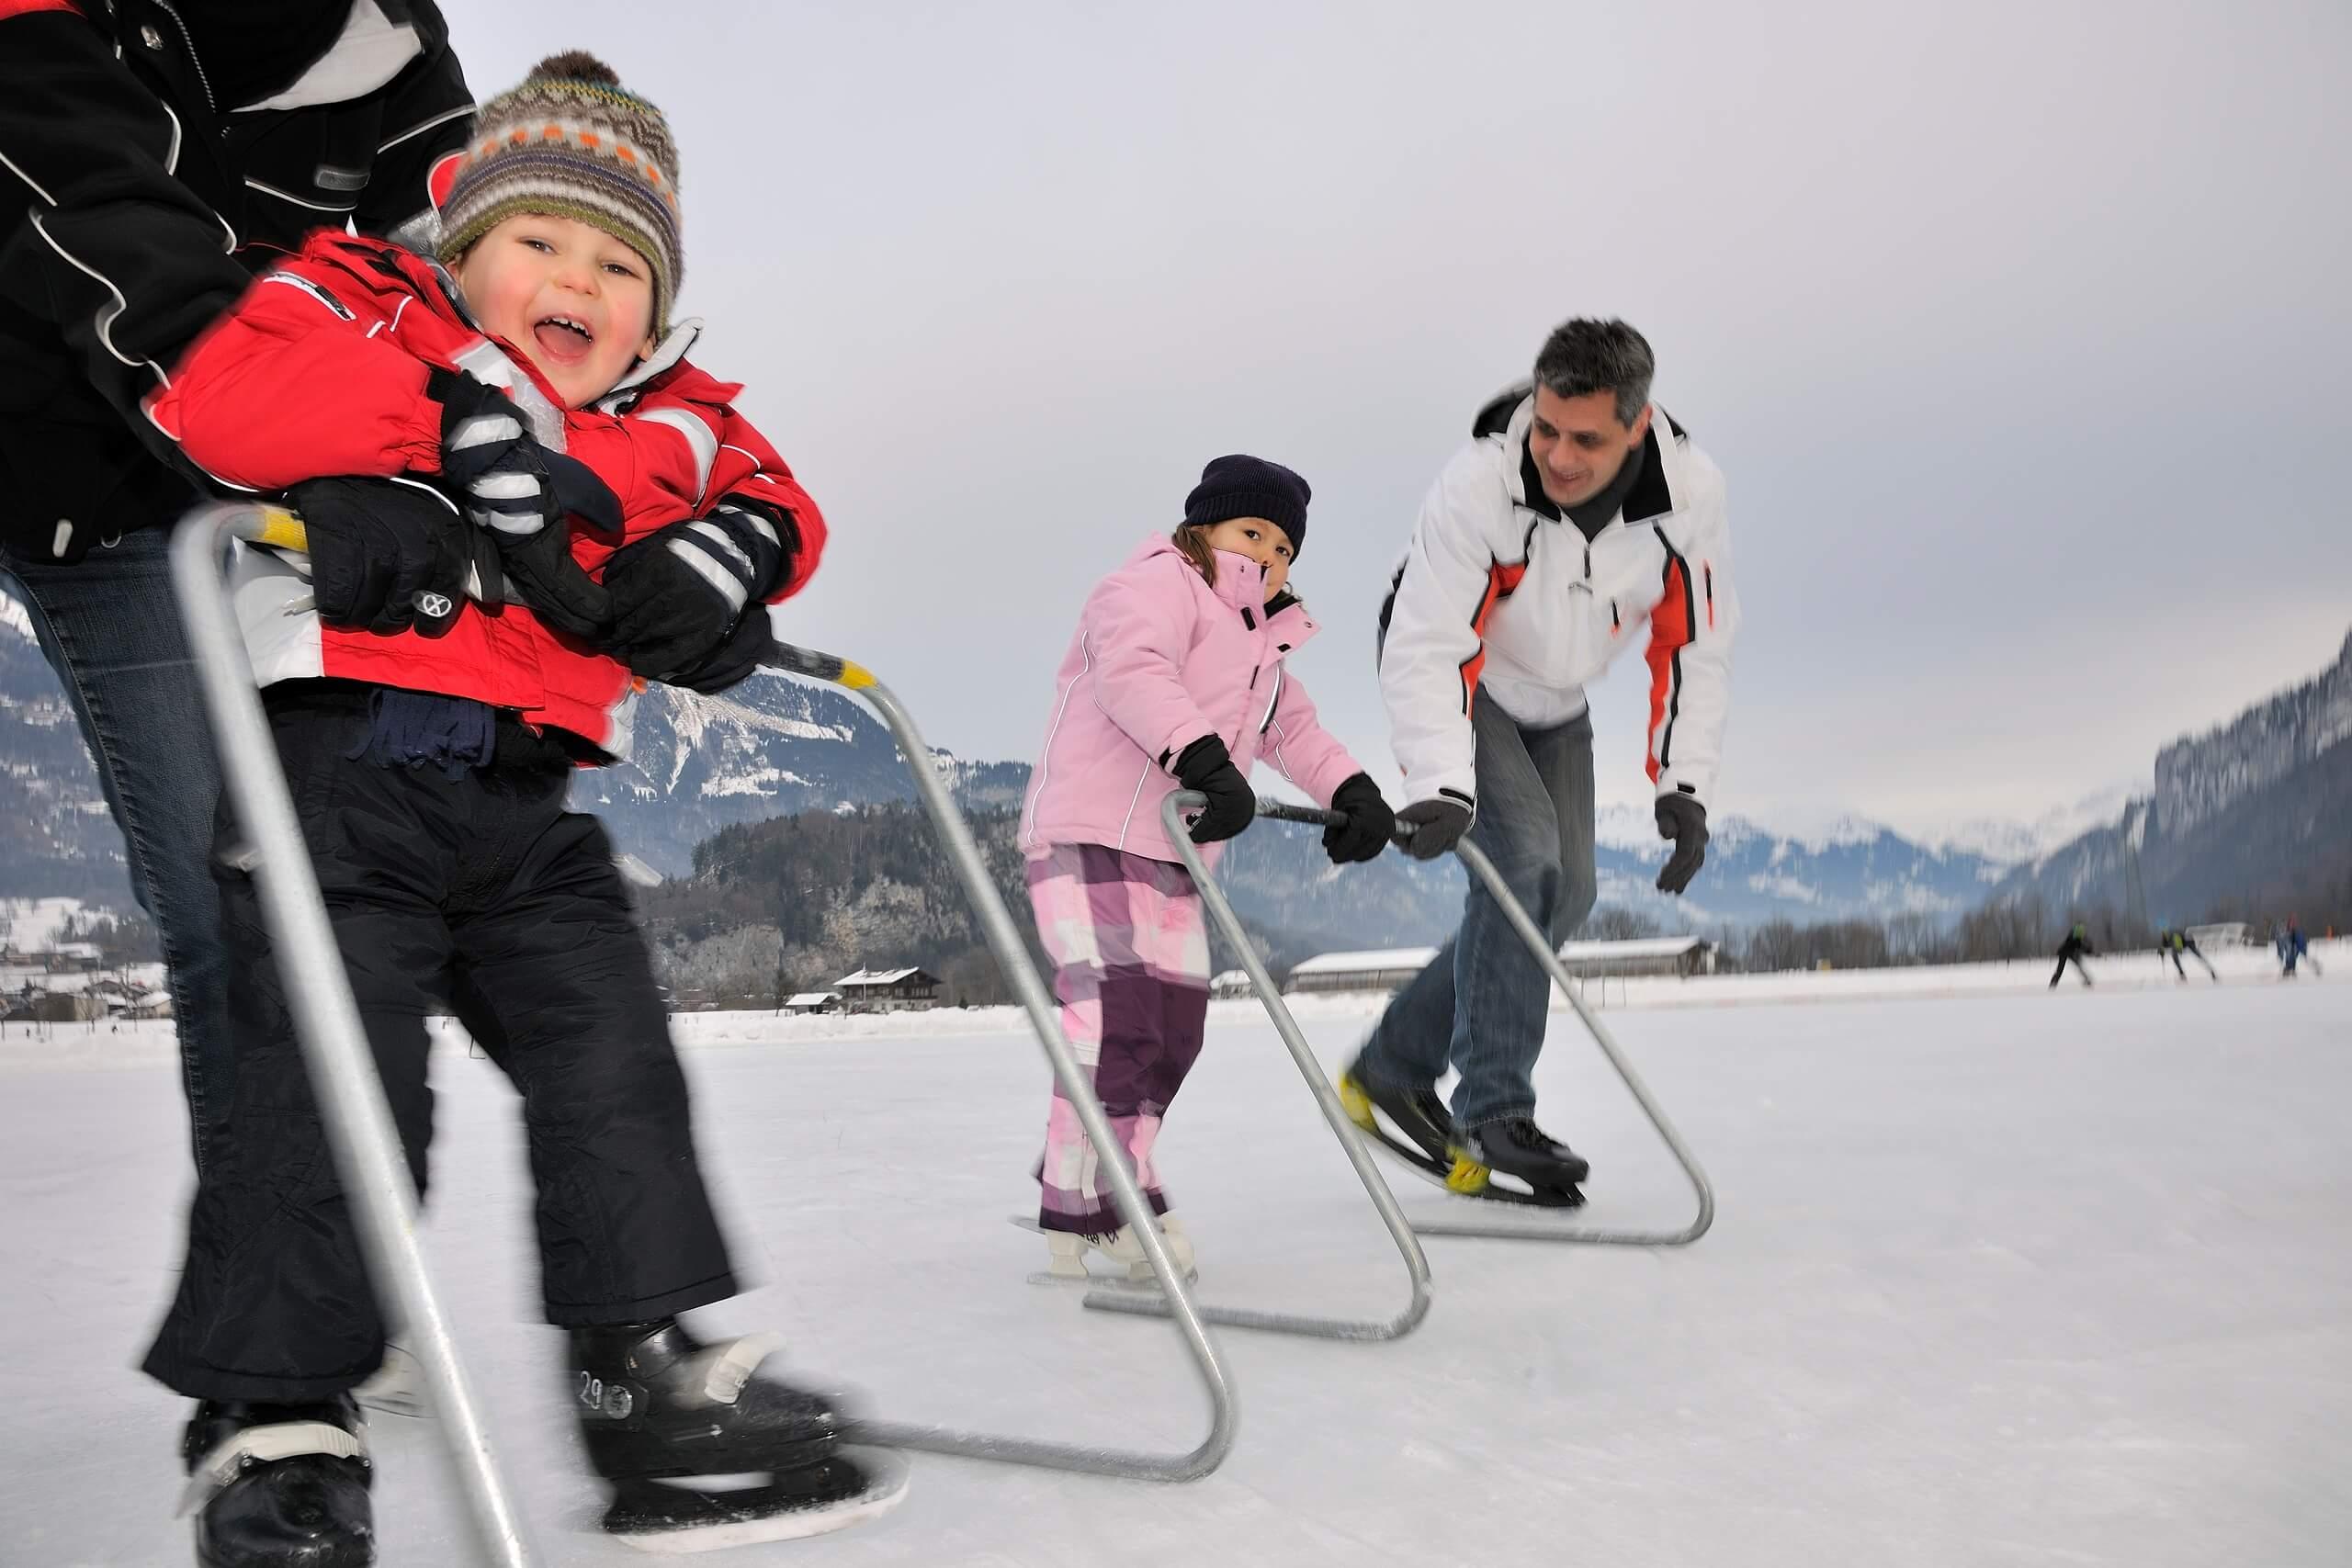 brienz-natureisbahn-kinder-schlittschuhlaufen-winter-hilfen